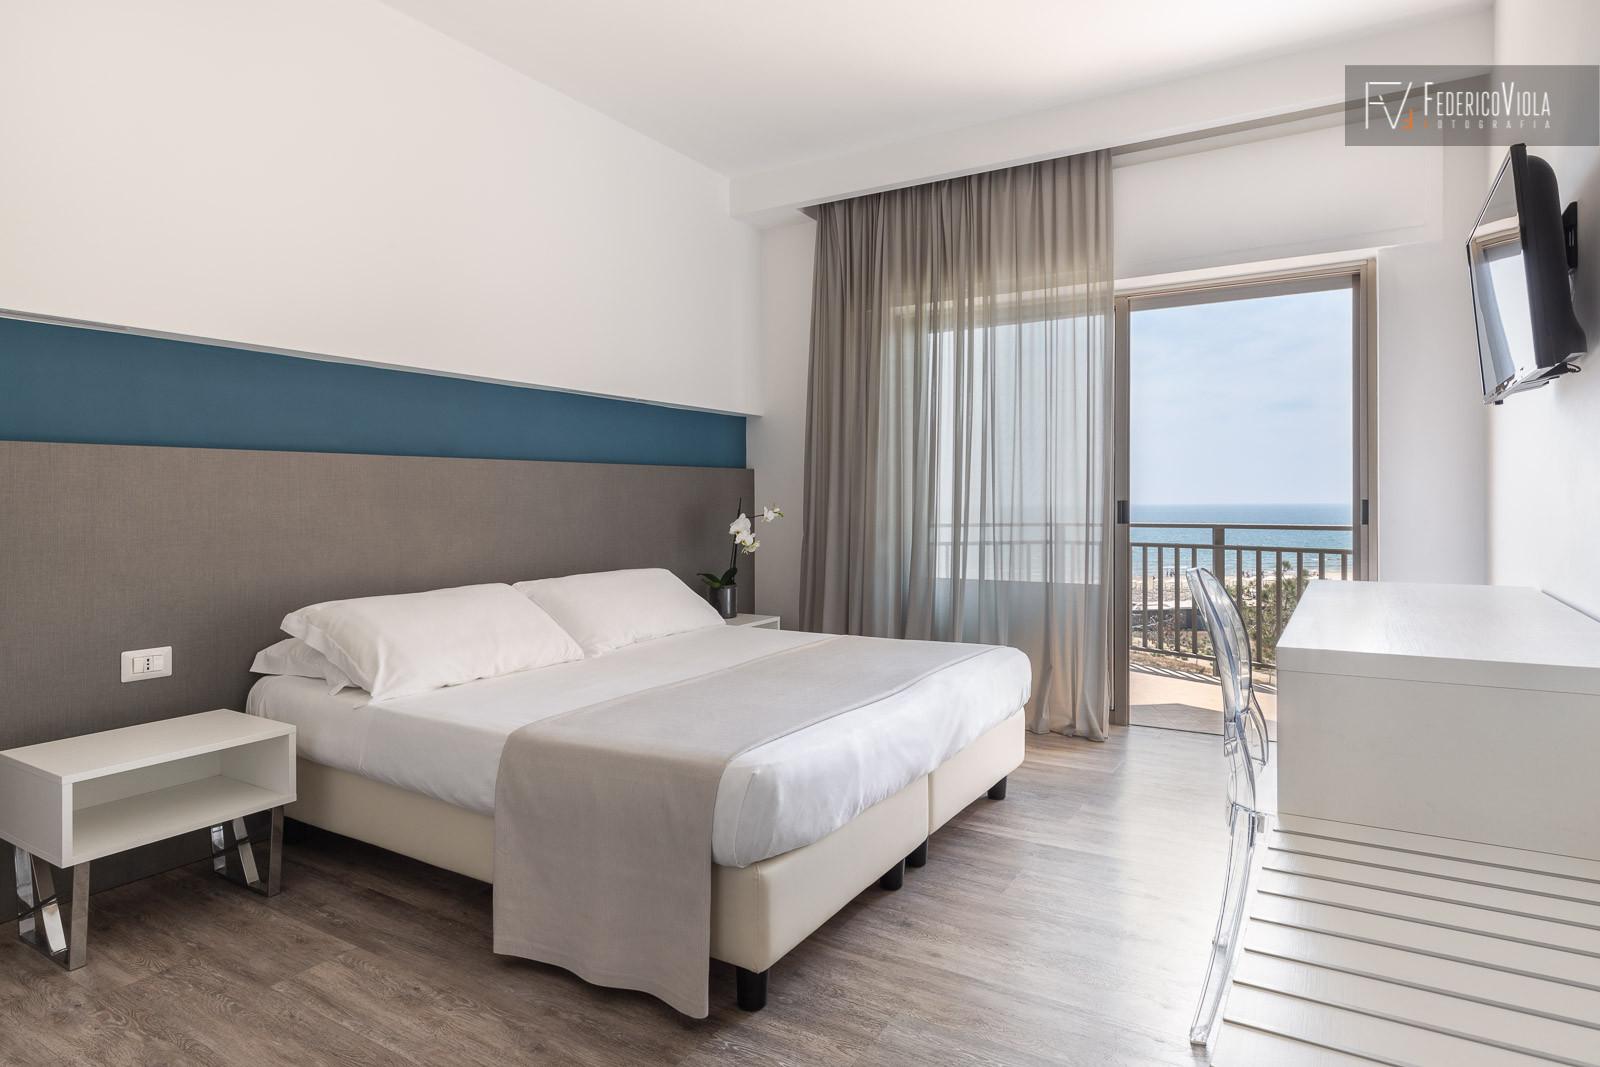 Foto-Hotel-Serapo-Gaeta-Federico-Viola-Fotografia-48.jpg